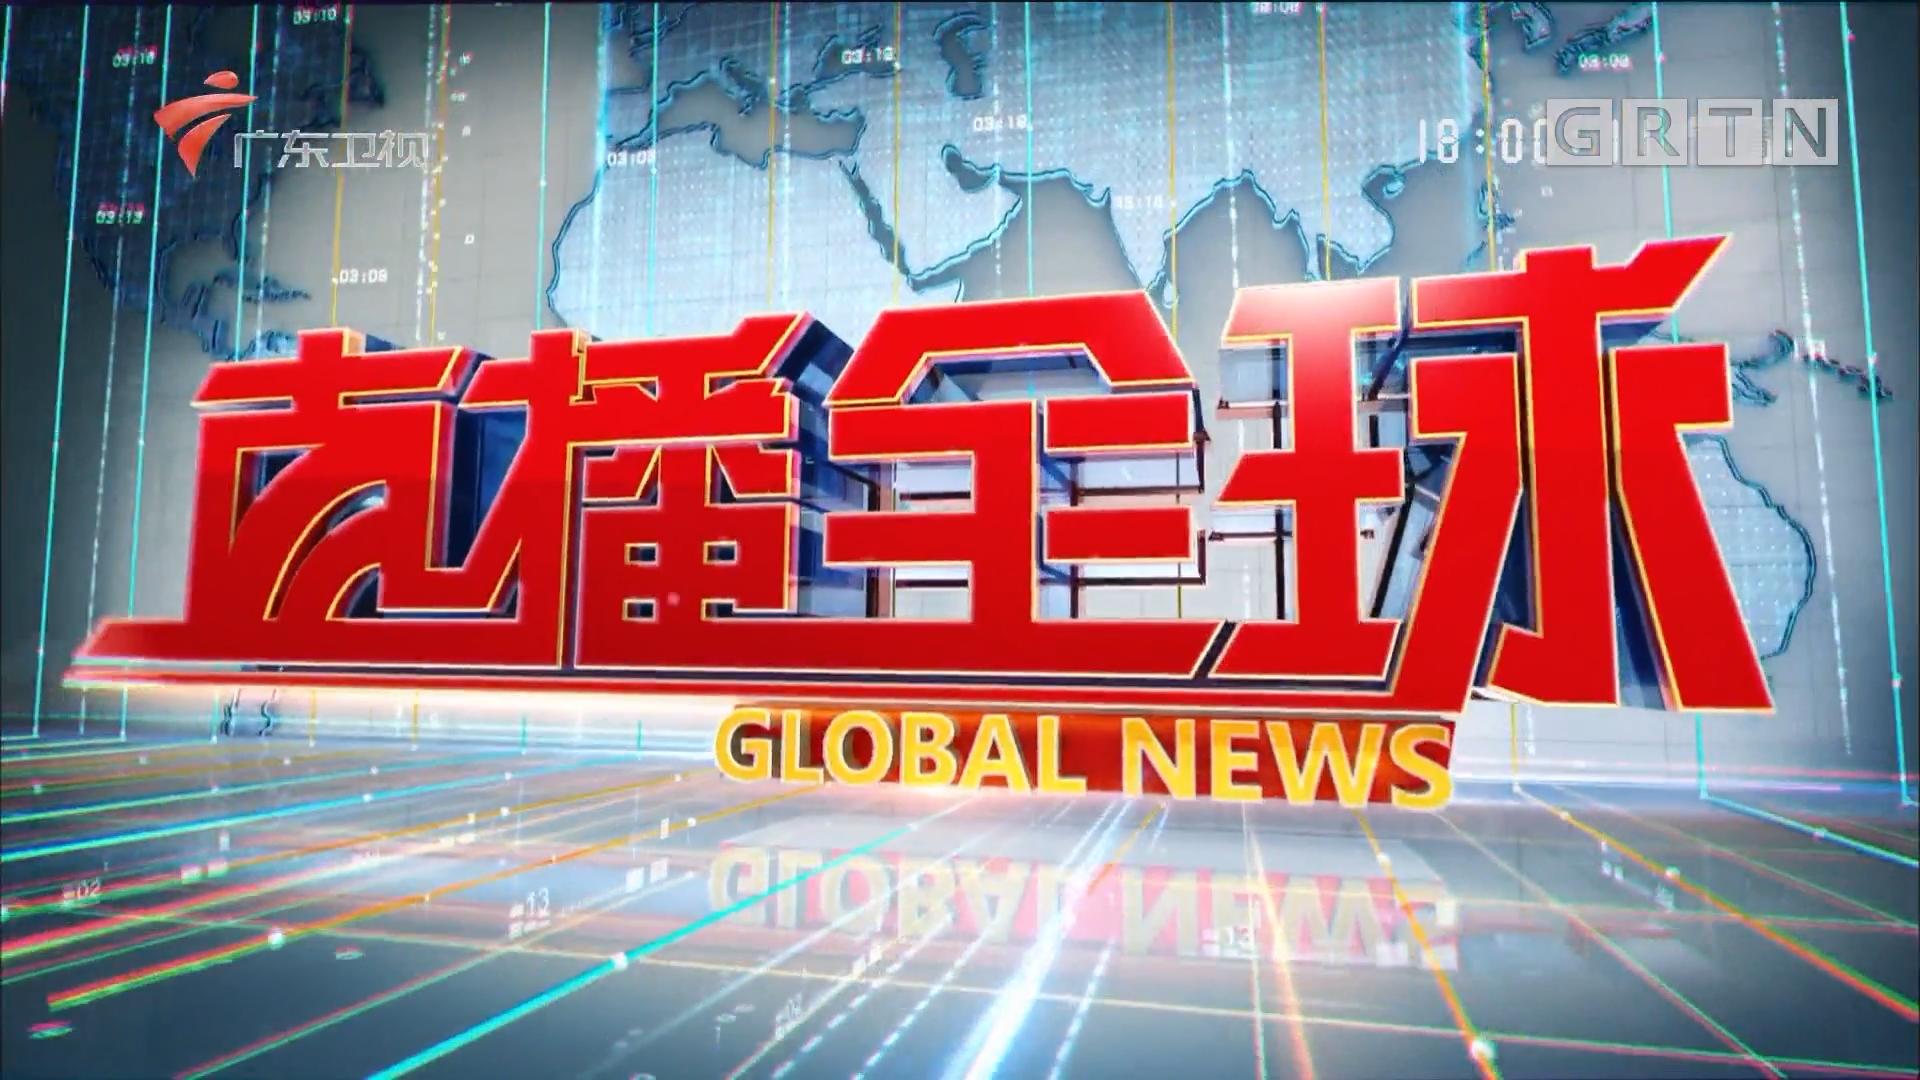 [HD][2018-10-05]直播全球:美国副总统彭斯对中国乱放炮 彭斯声称中国干预美国中期选举